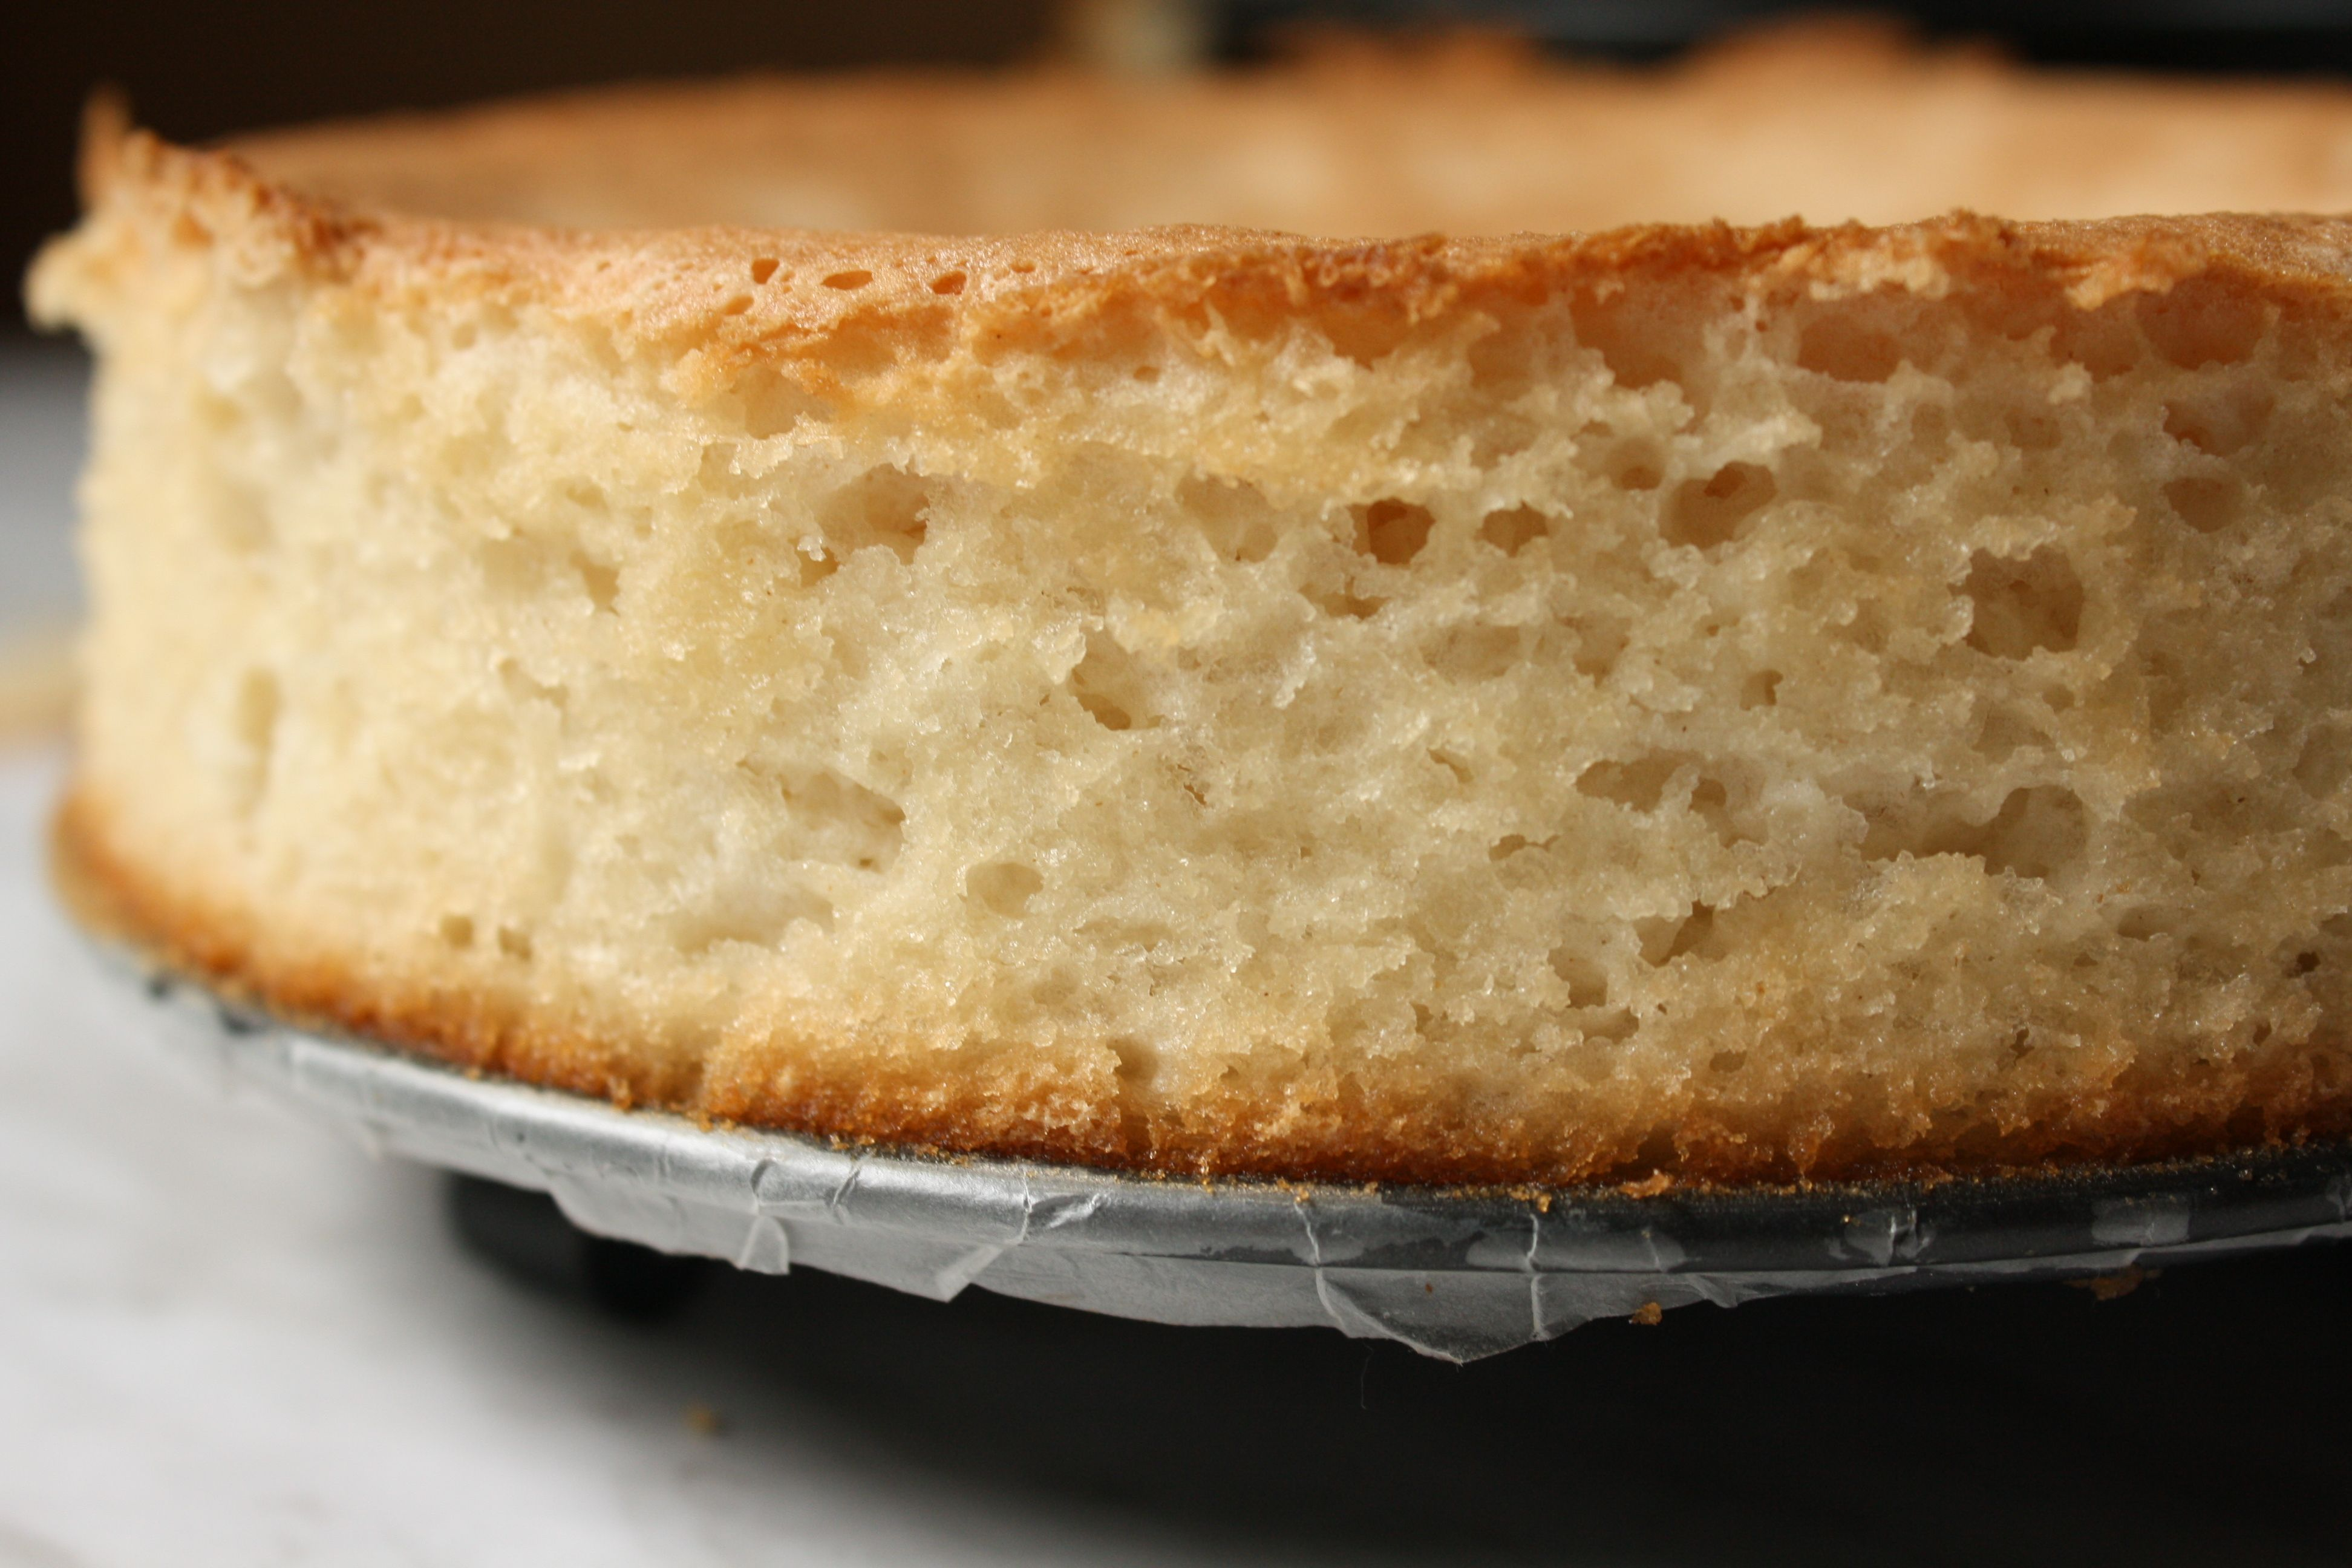 торт из аквафабы рецепт с фото признан